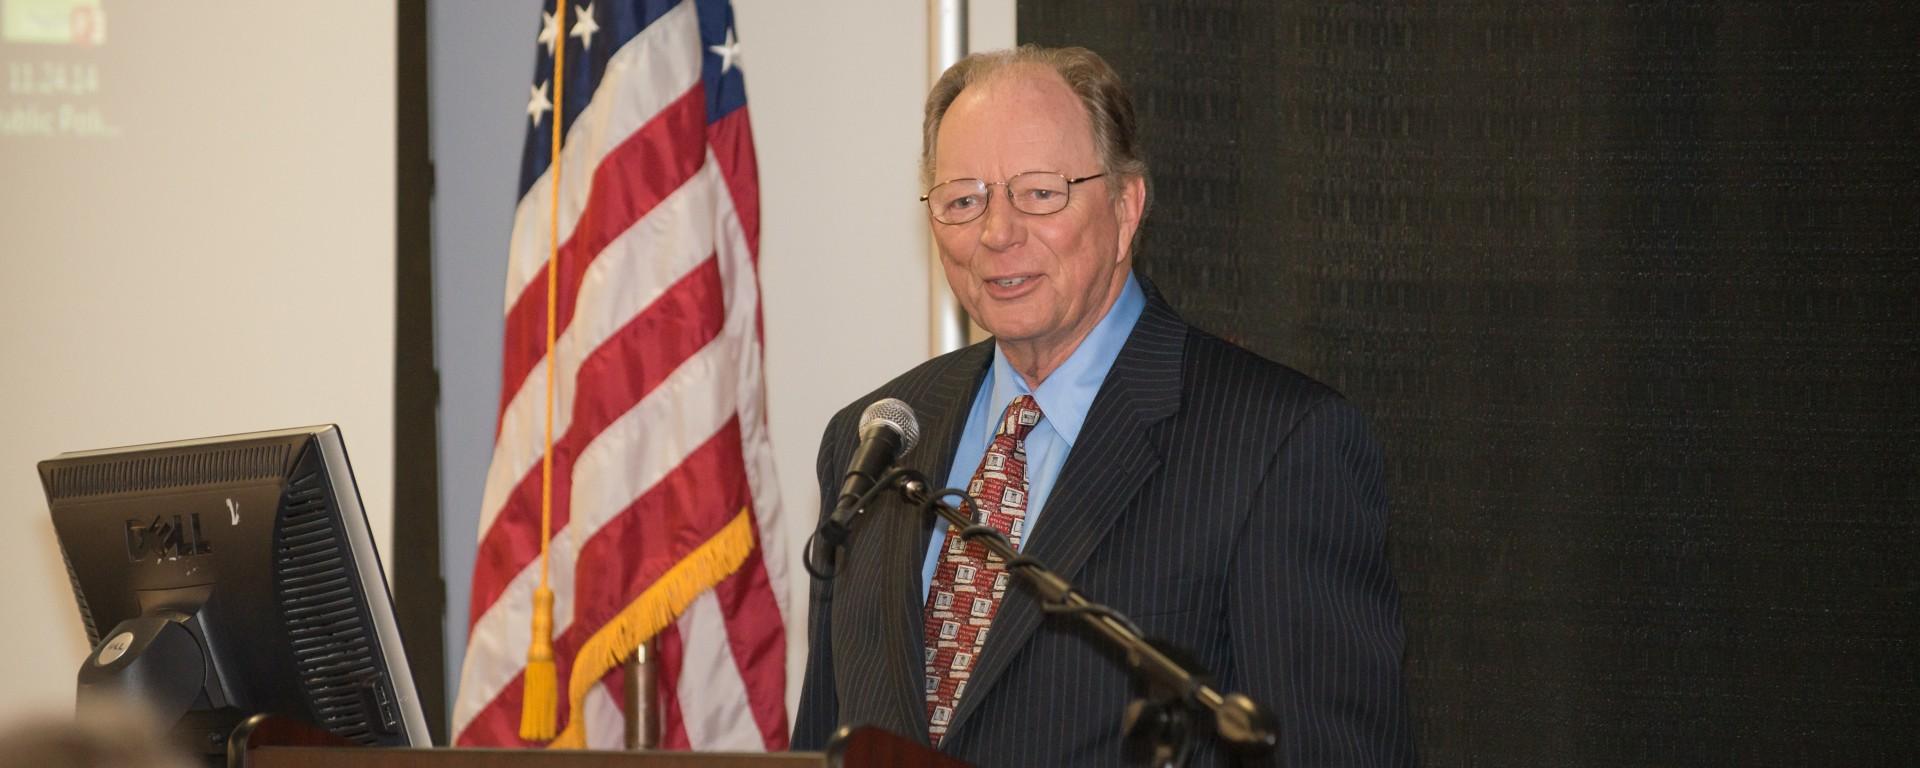 Donald Norris